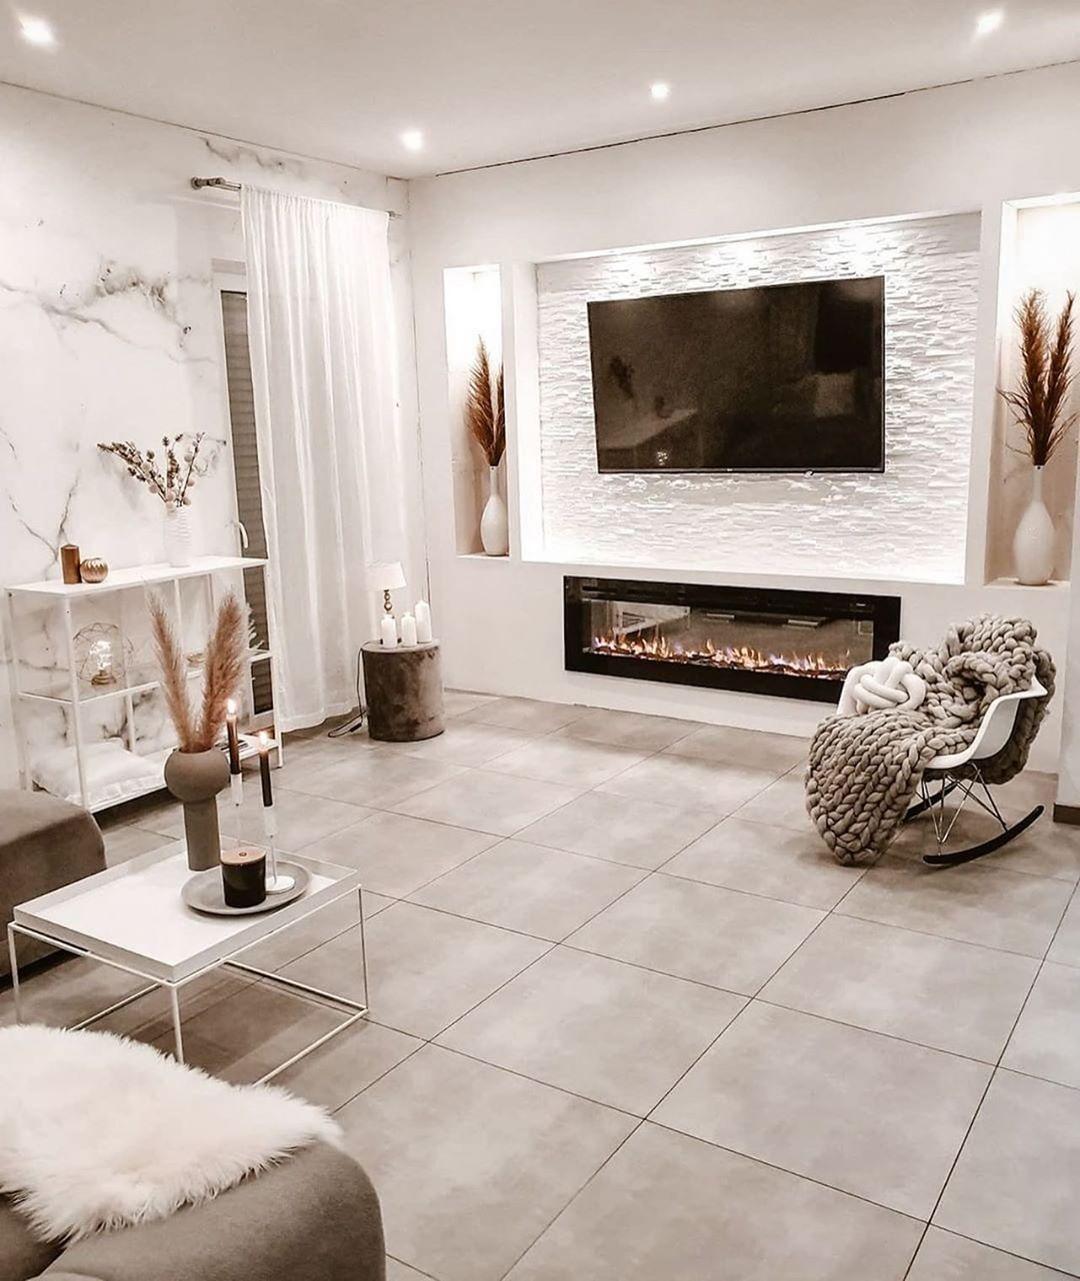 200 Future Home Ideas In 2020 Home Home Decor Inte